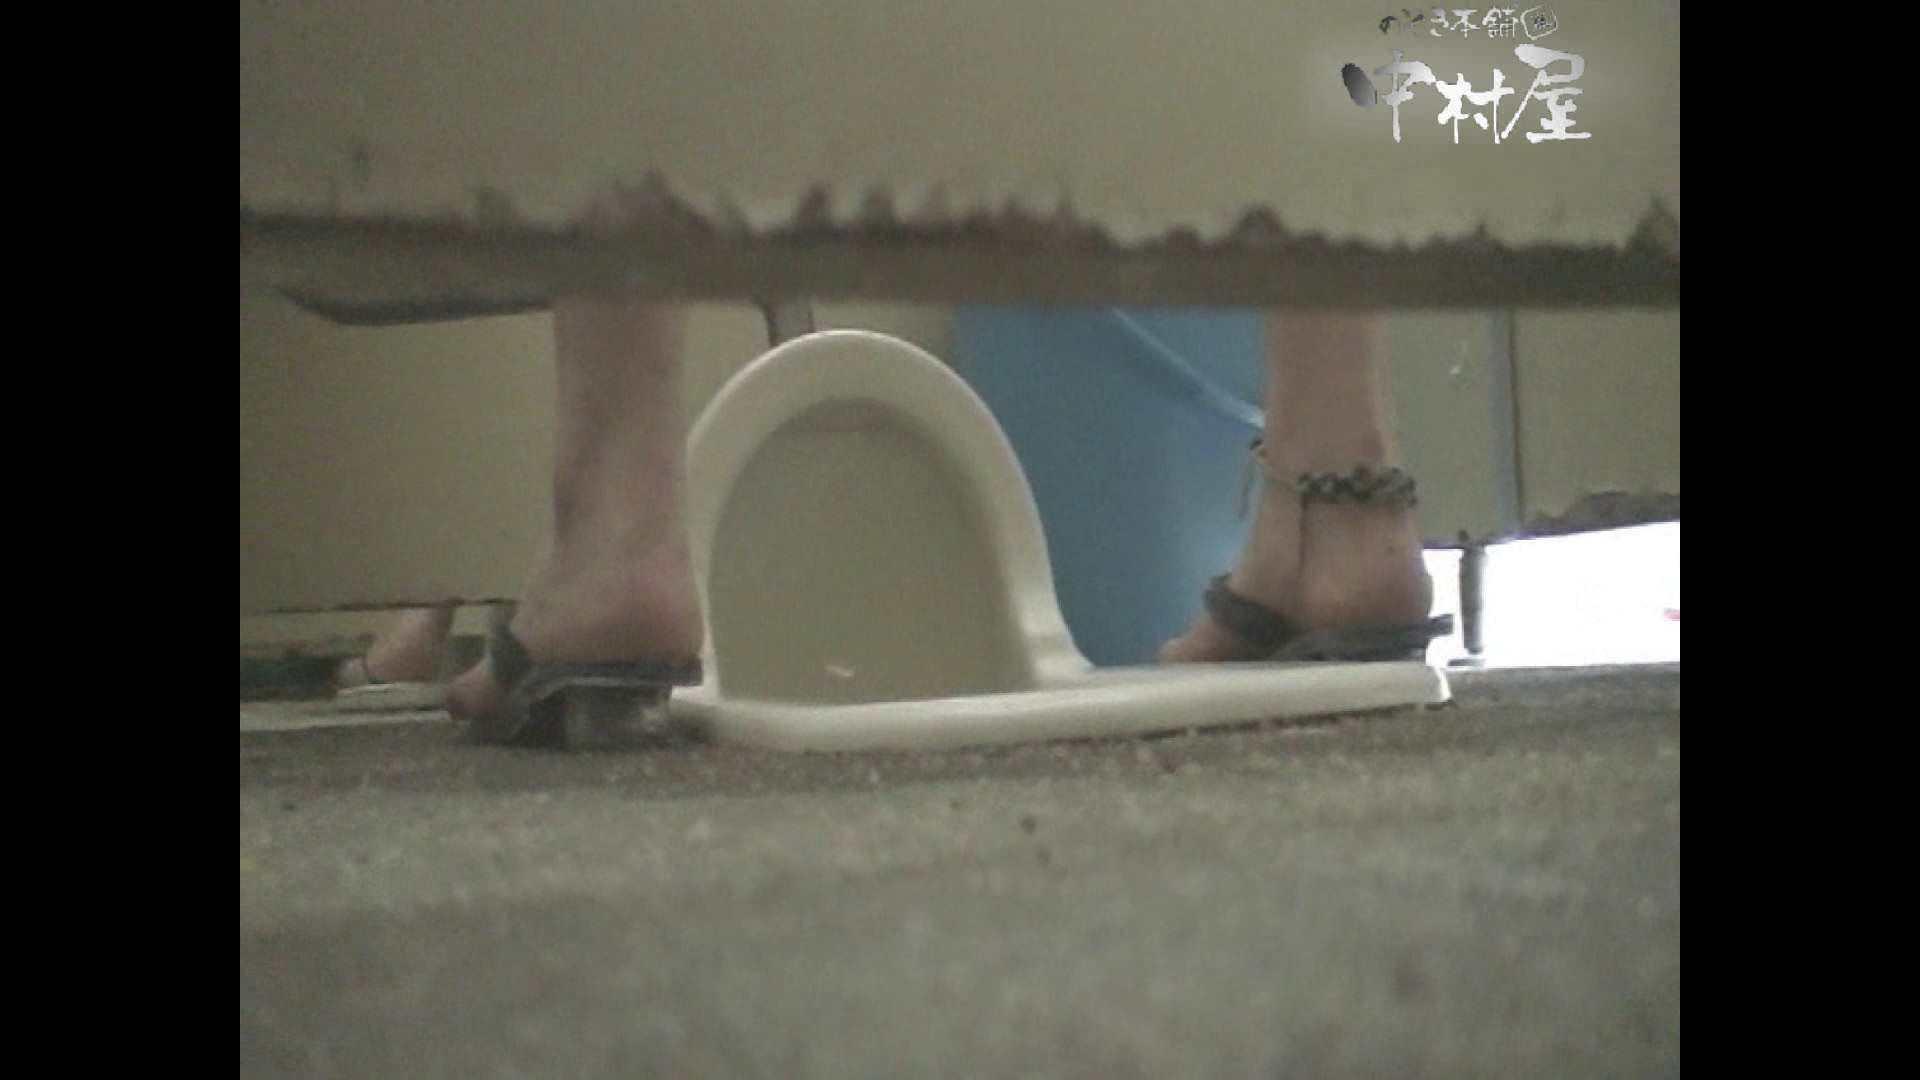 岩手県在住盗撮師盗撮記録vol.17 ハプニング映像 のぞき動画キャプチャ 87PIX 19